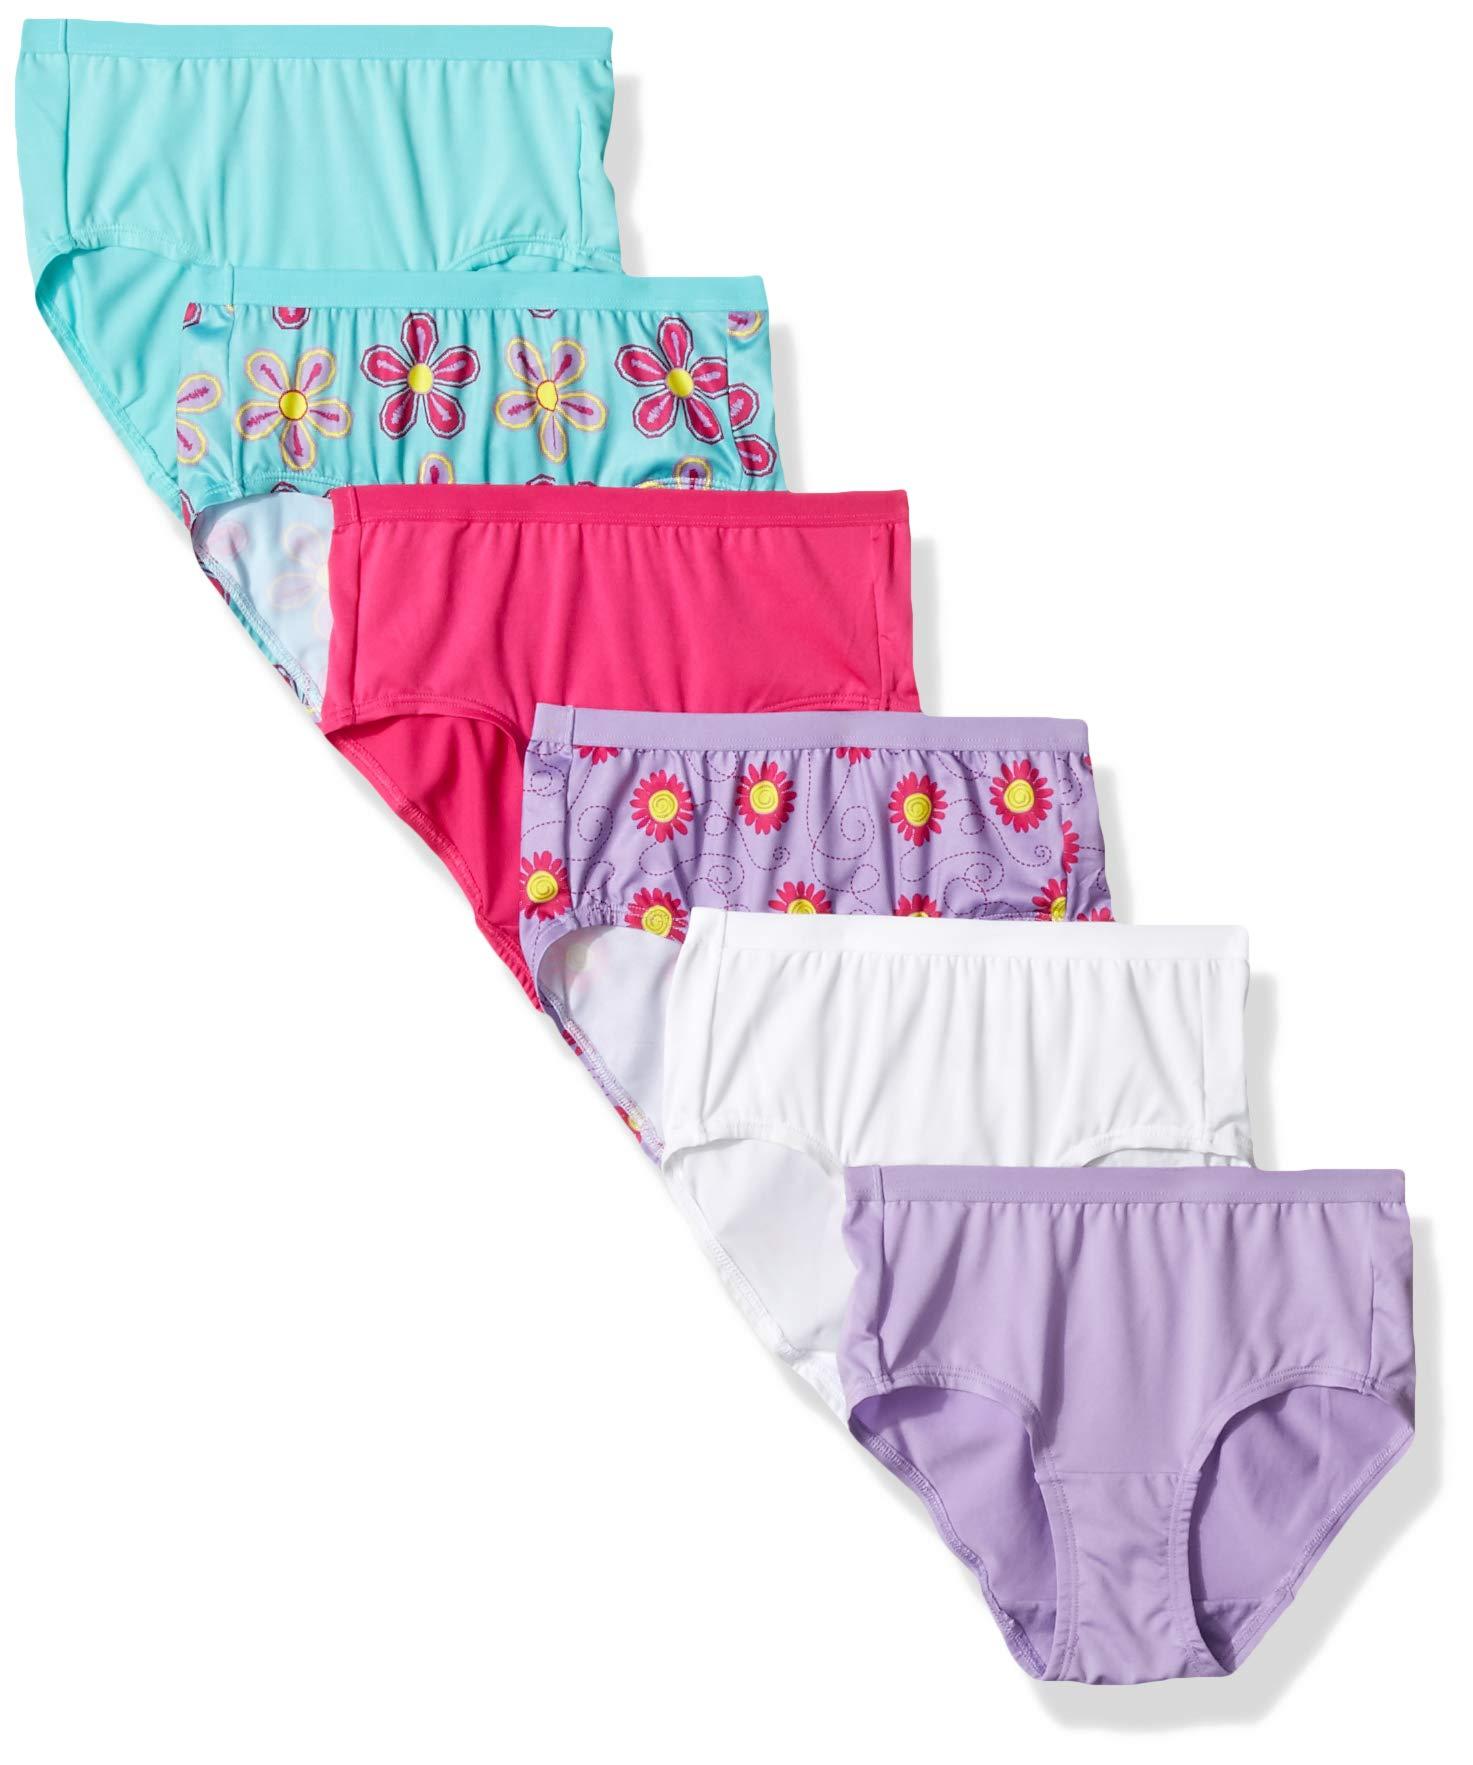 Fruit of the Loom Girls' Microfiber Underwear Multipack